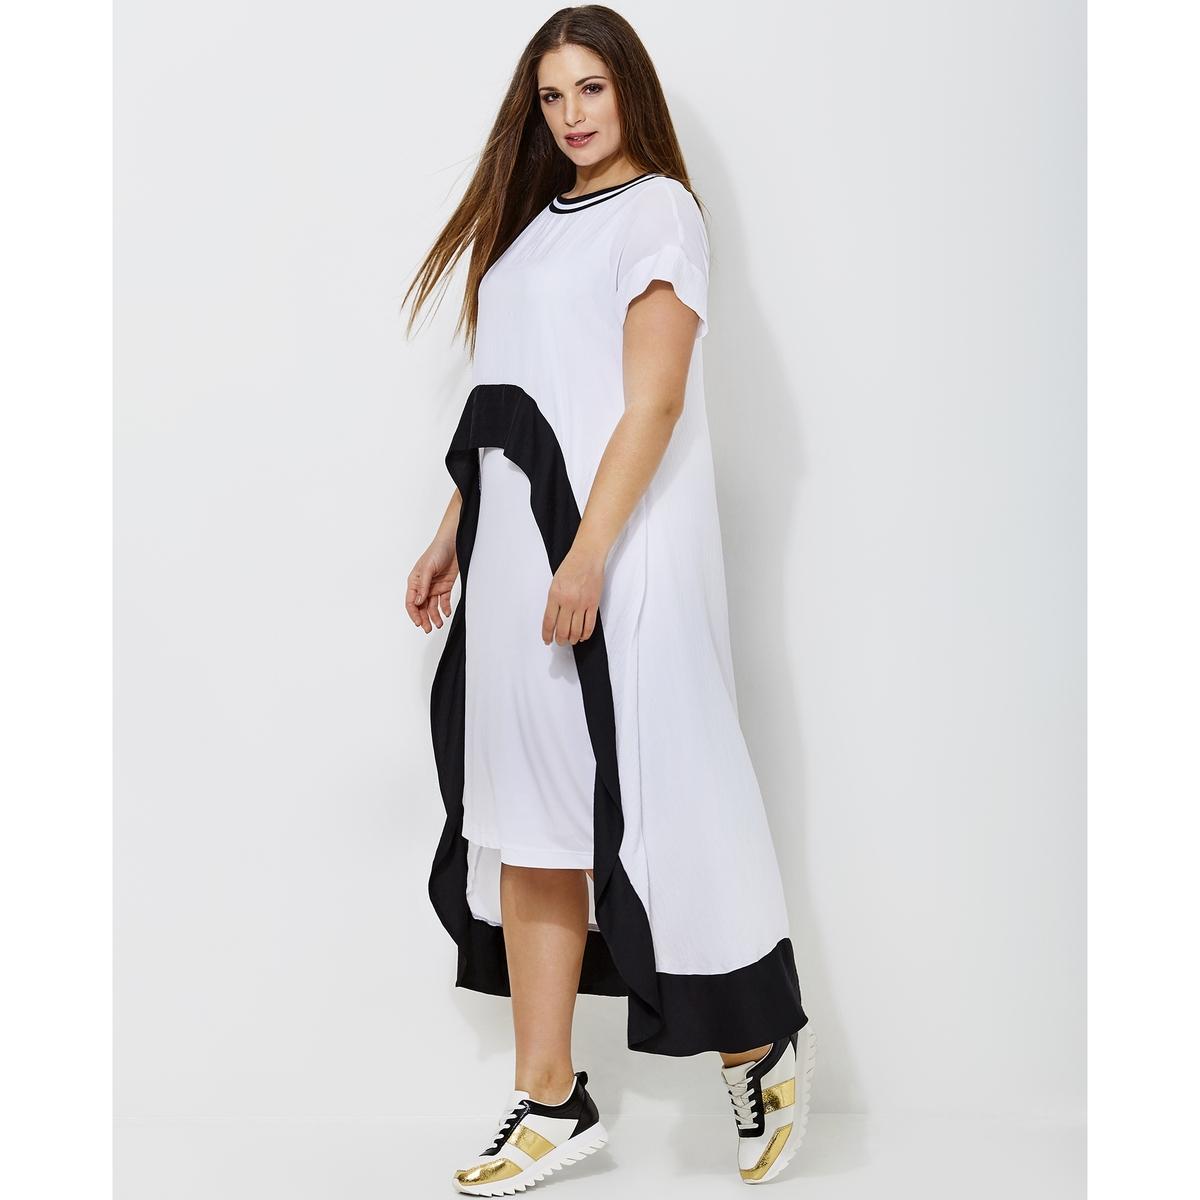 Платье длинное расклешенное с короткими рукавамиОписание:Очень модное длинное платье . Эффектное длинное платье из двух цветов создаст фурор .Детали •  Форма : расклешенная •  Удлиненная модель •  Короткие рукава    •  Круглый вырезСостав и уход •  100% полиэстер 0% эластана  •  Следуйте рекомендациям по уходу, указанным на этикетке изделияТовар из коллекции больших размеров<br><br>Цвет: белый + черный